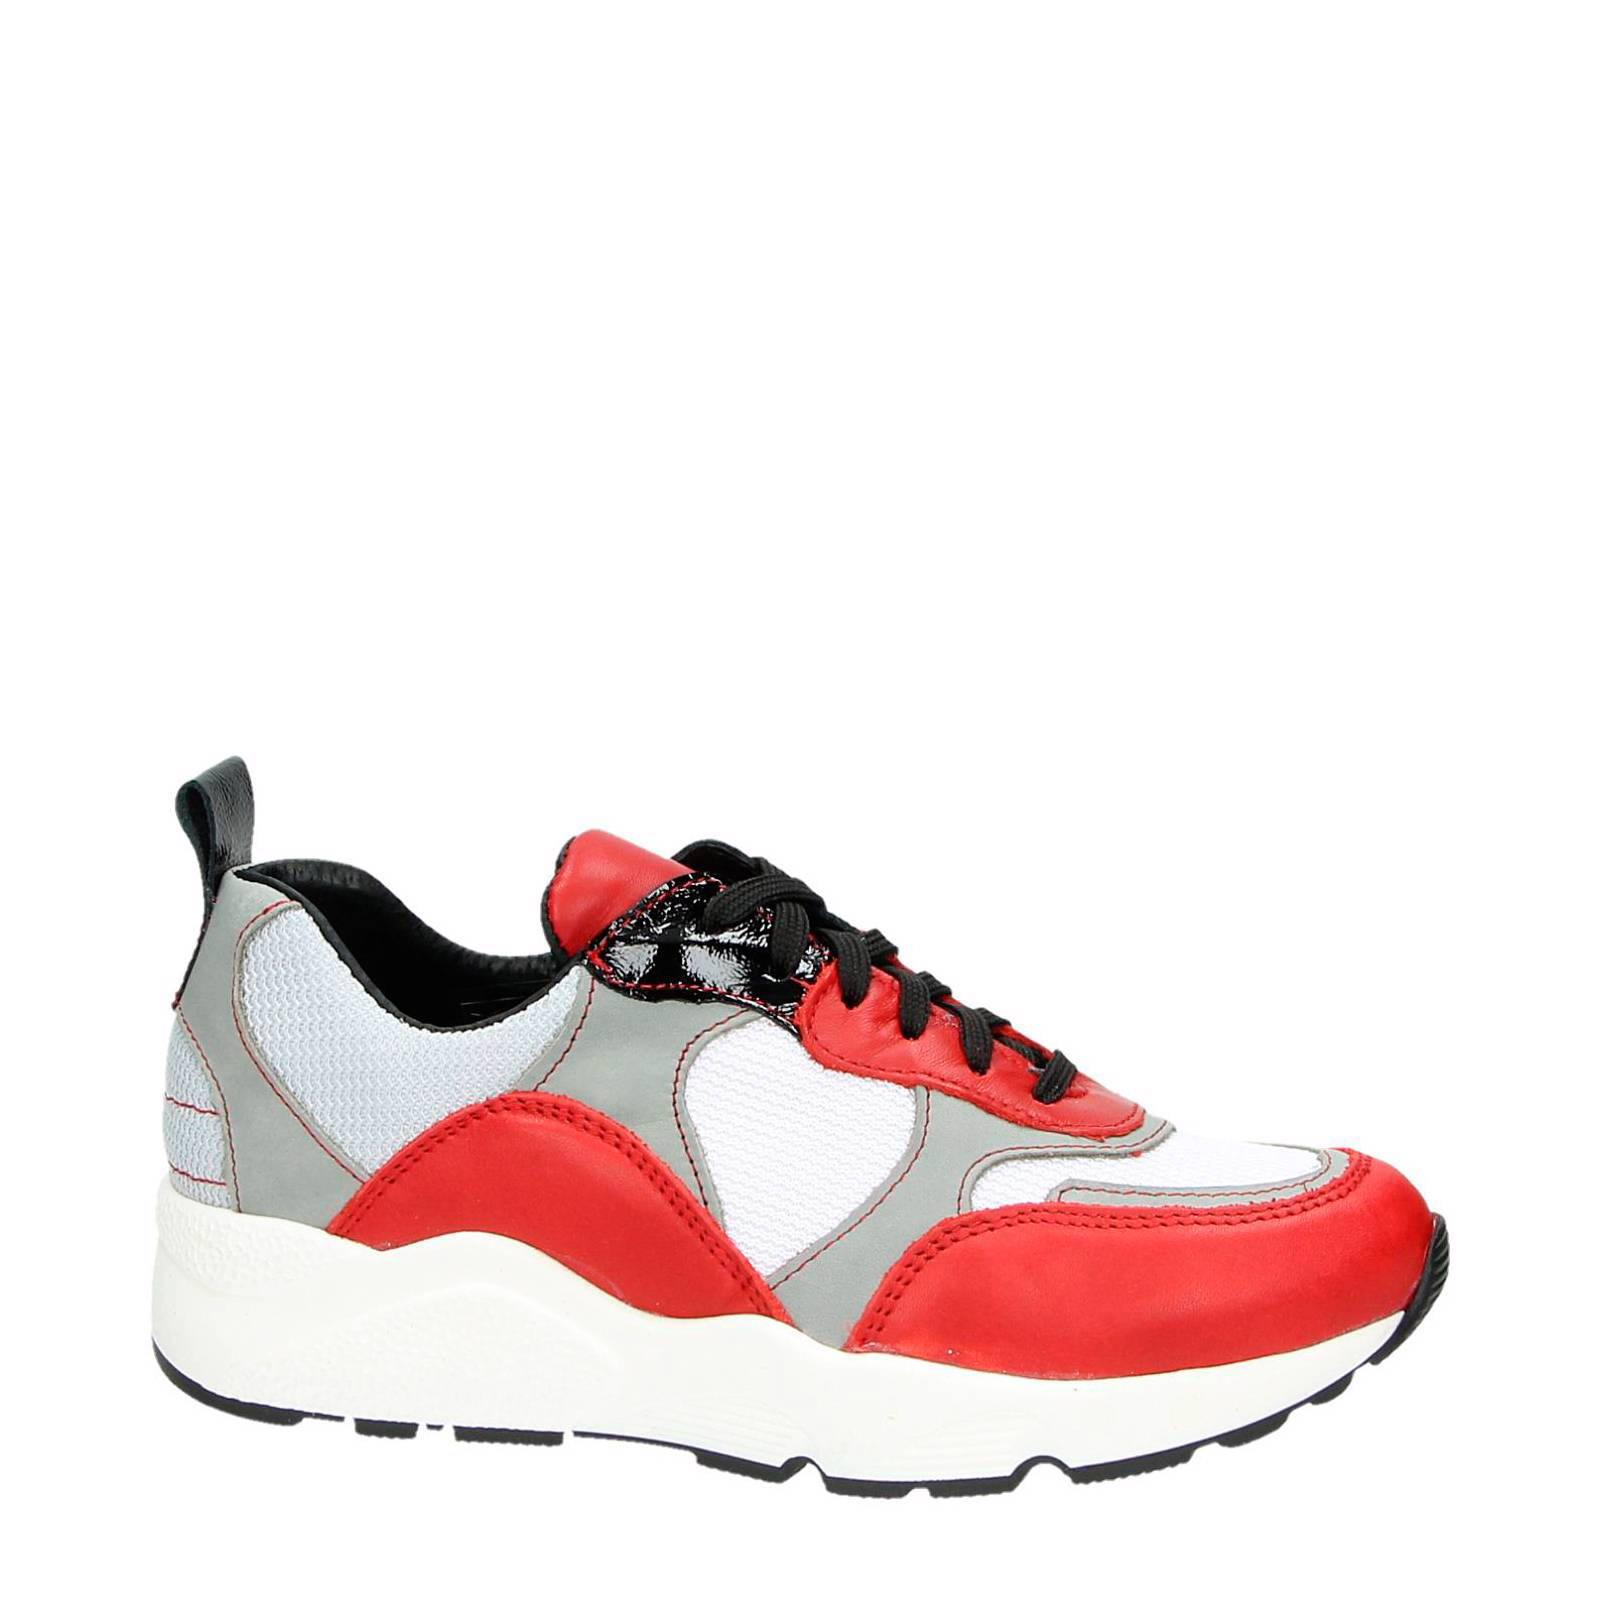 Chaussures De Sport Rouges Poelman acqvI